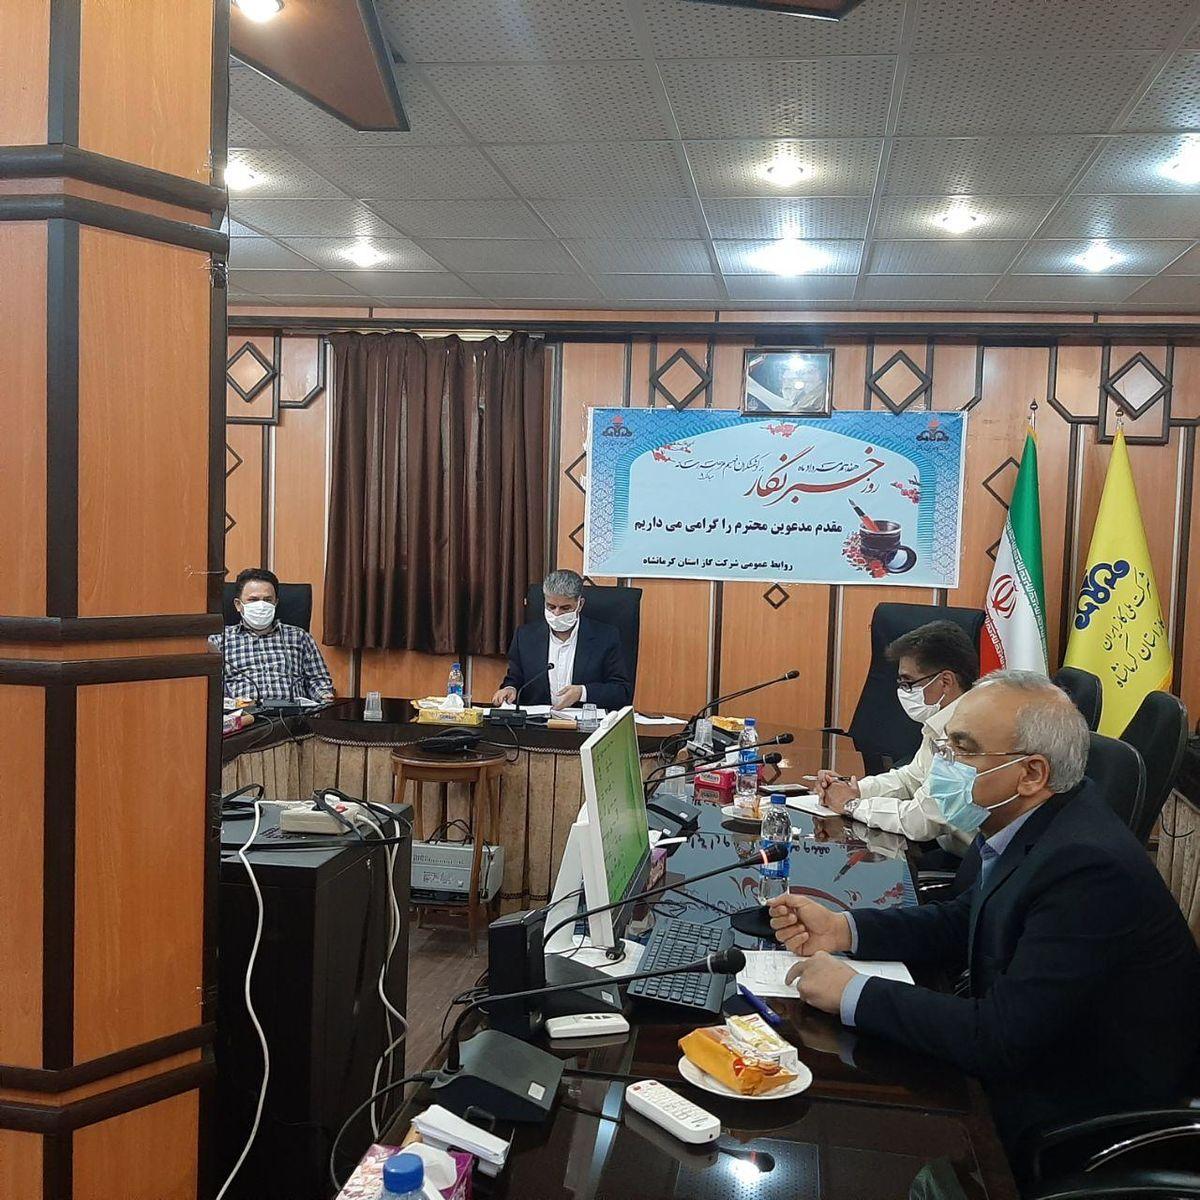 افتتاح ۱۷۶ پروژه روستایی و صنعتی در هفته دولت / مصرف روزانه ۱۳ میلیون متر مکعب گاز در استان کرمانشاه